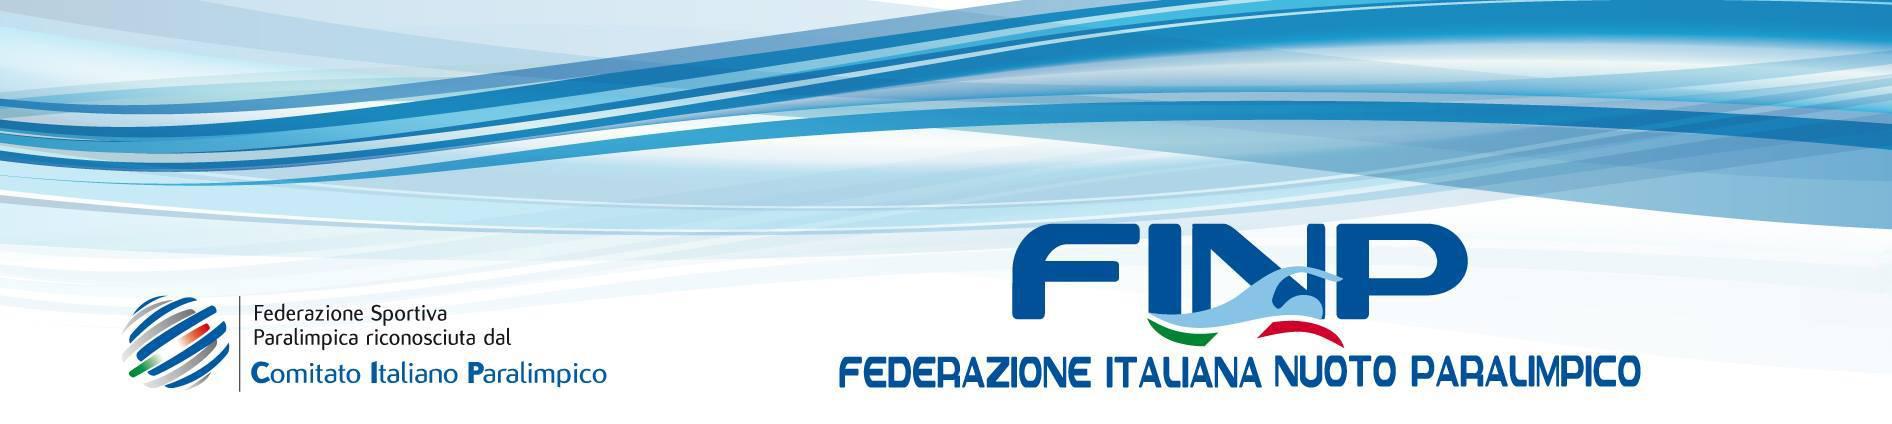 Immagine introduttiva alla piattaforma Finp - Federazione italiana nuoto paralimpico